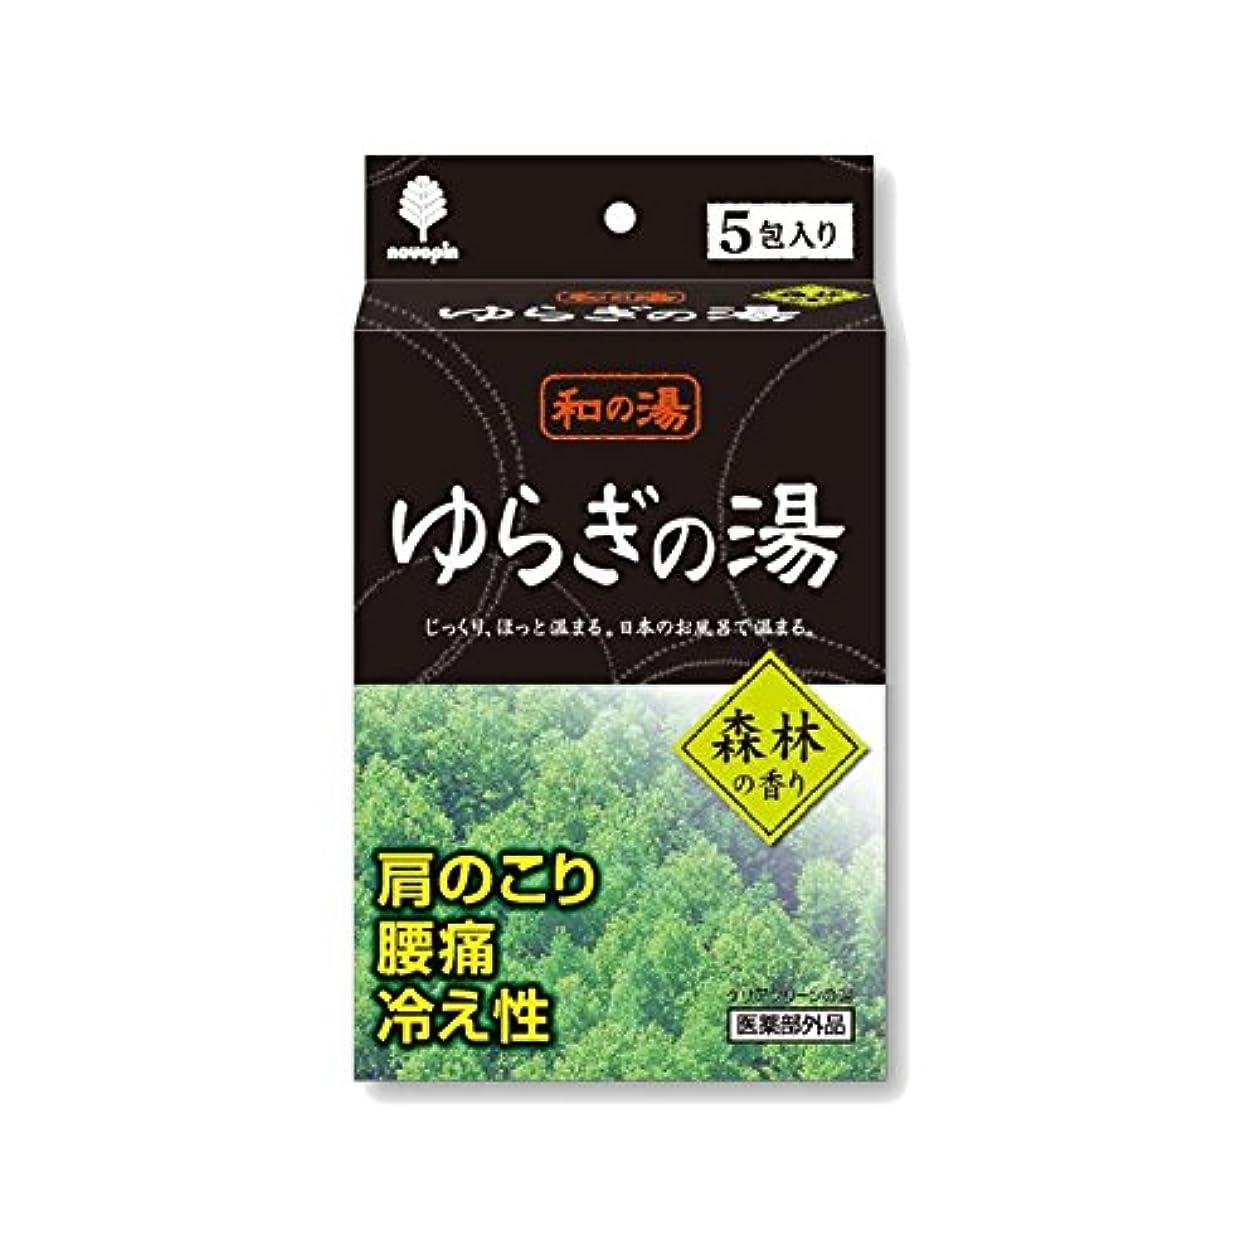 補うアリシプリー和の湯 ゆらぎの湯 森林の香り(25gx5)x10